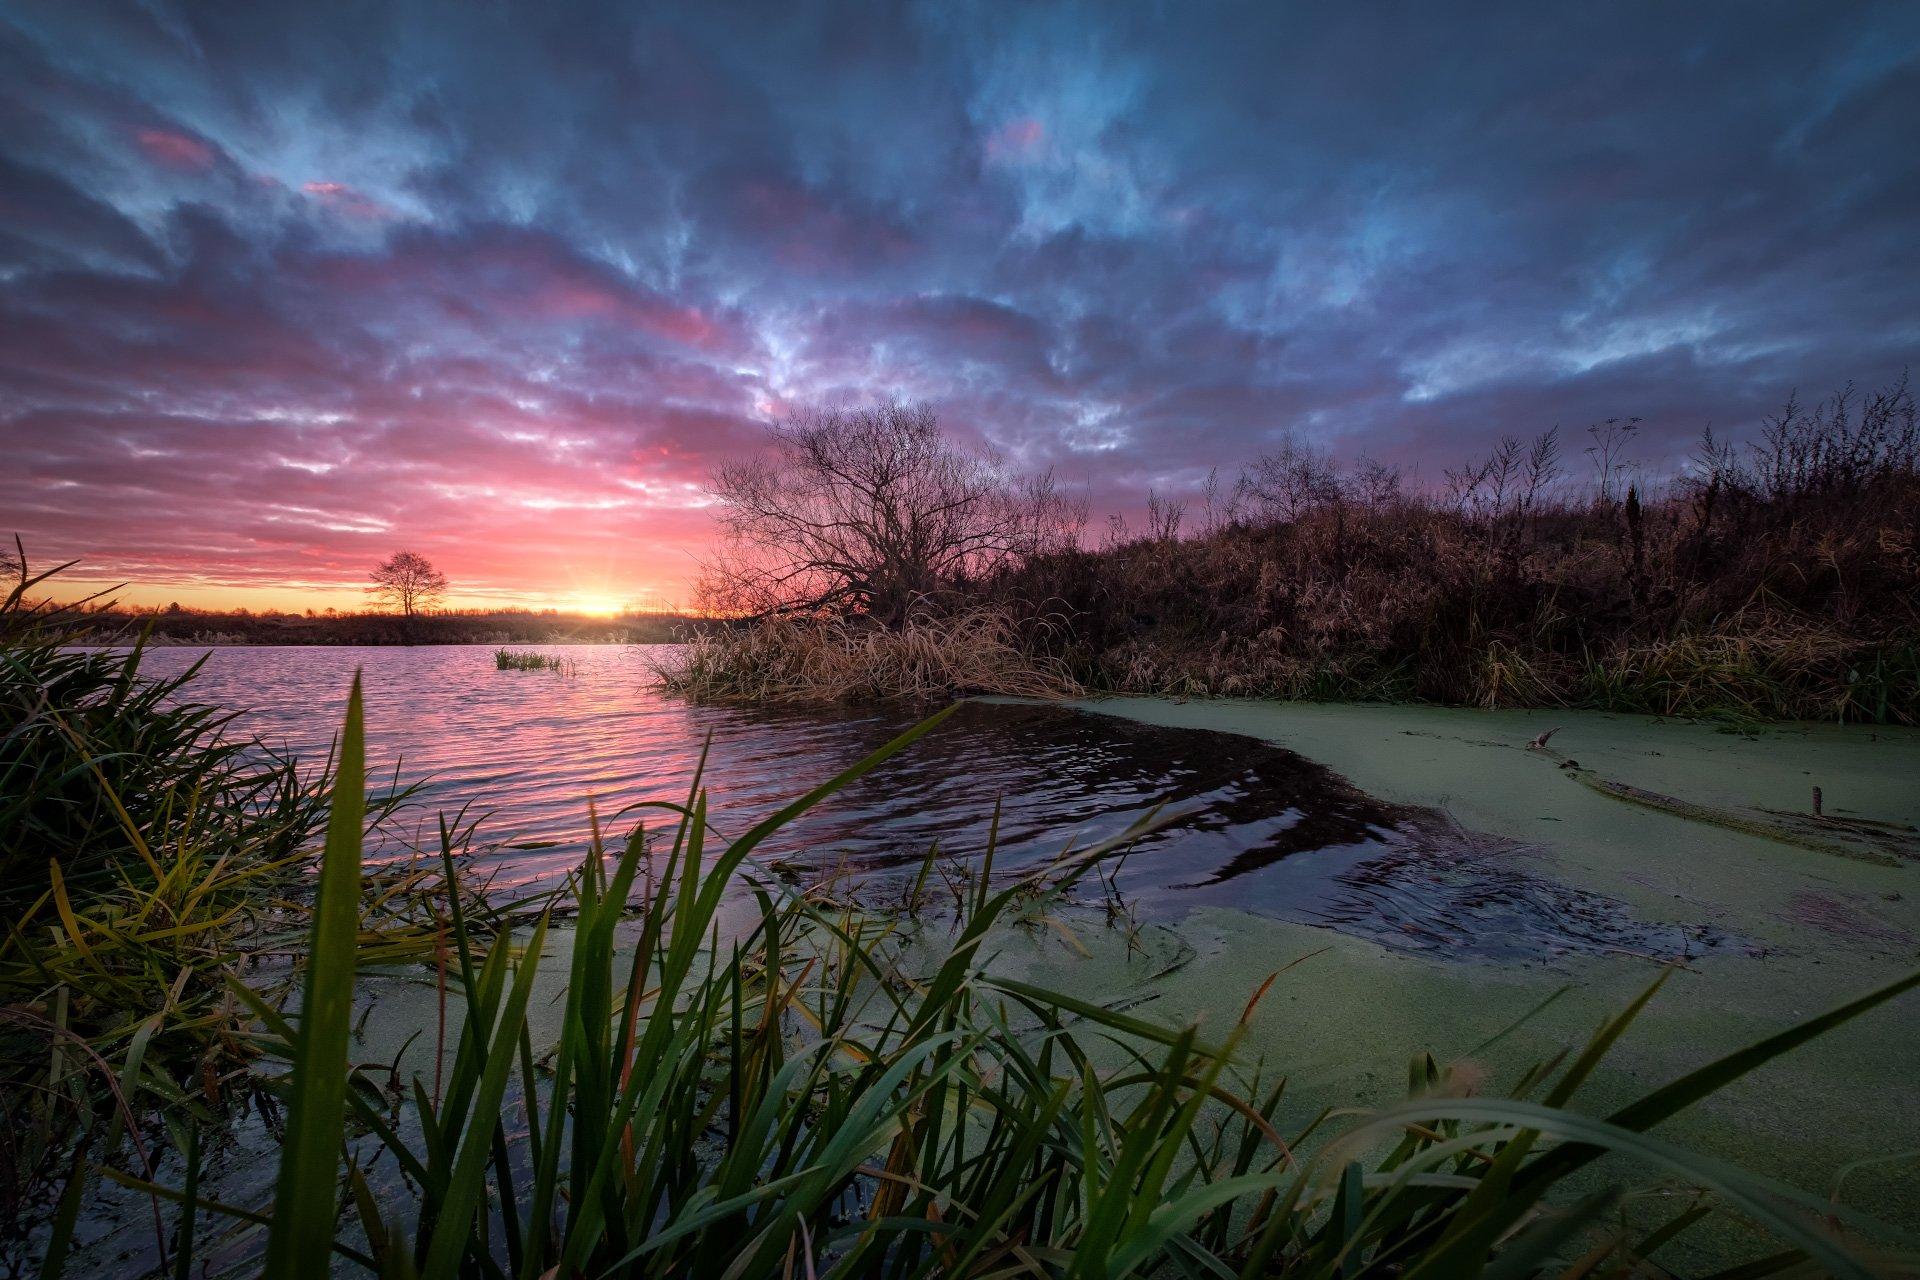 дубна, река, ноябрь, холод, утро, рассвет, облачность, солнце, восход, вода, свет, Андрей Чиж